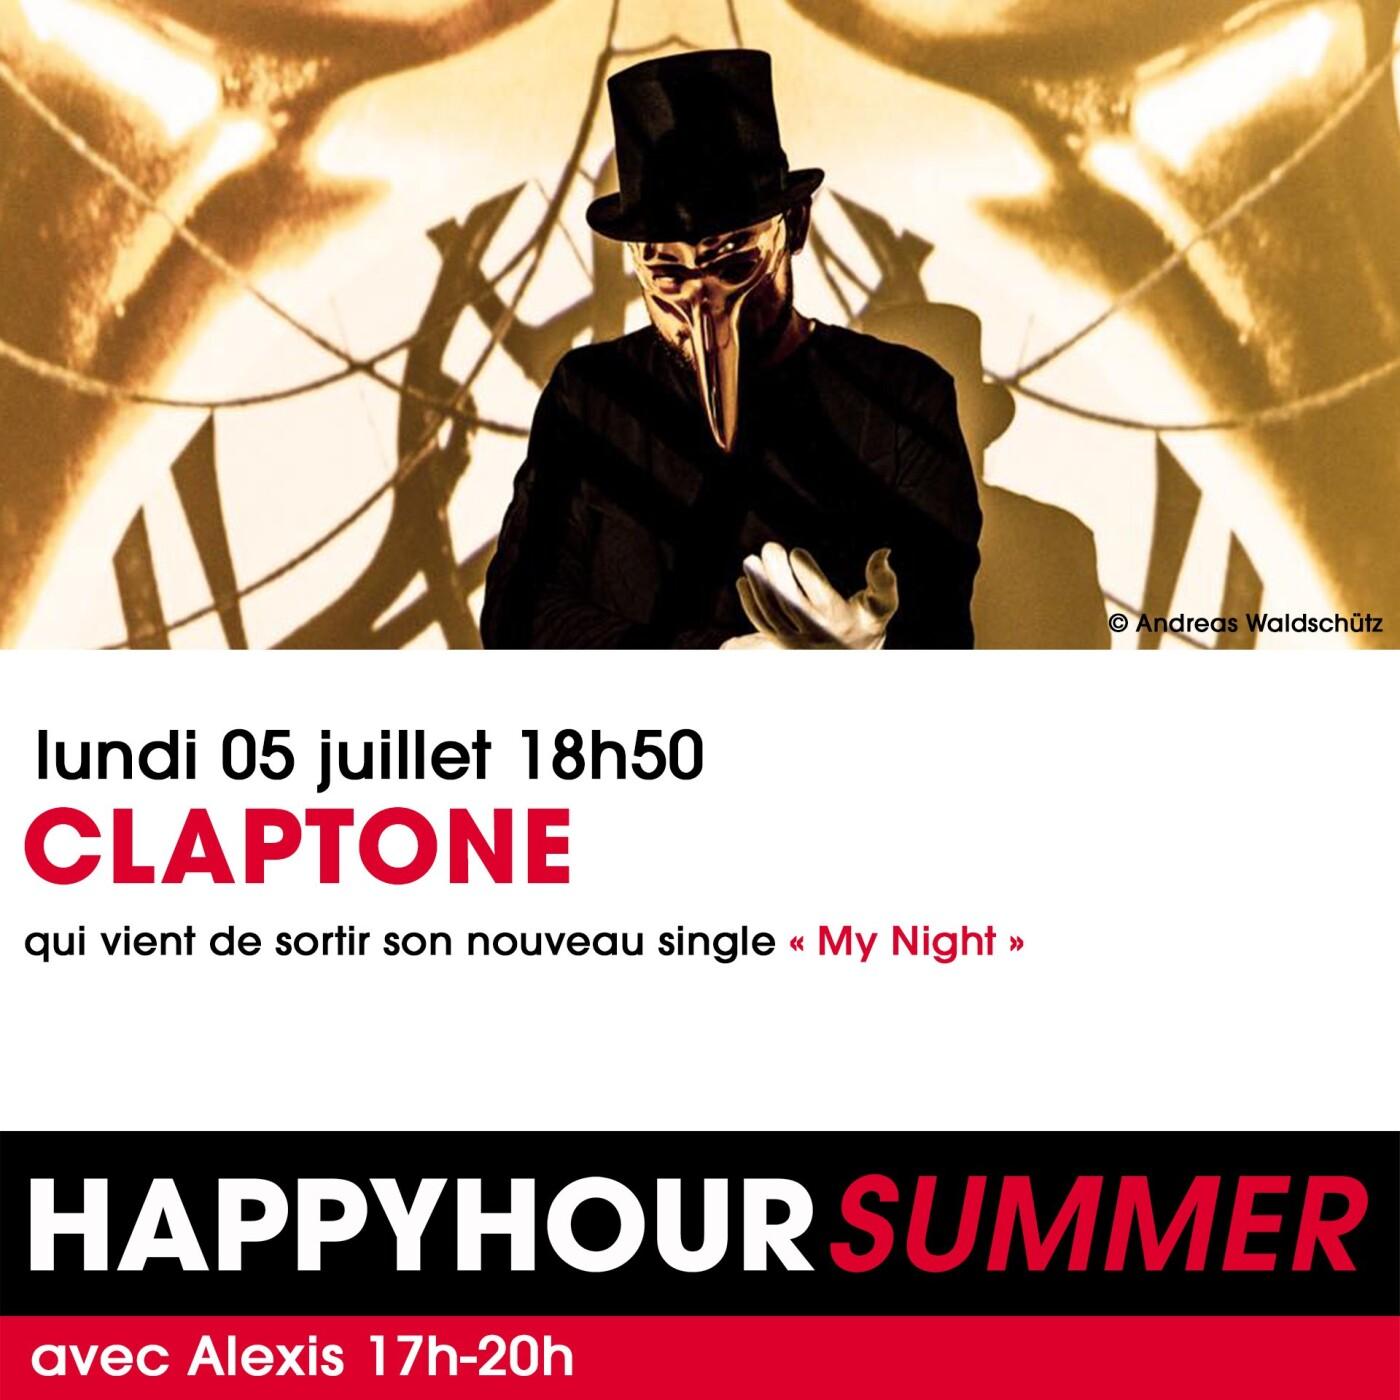 L'INTERVIEW DE CLAPTONE DANS L'HAPPY HOUR FG